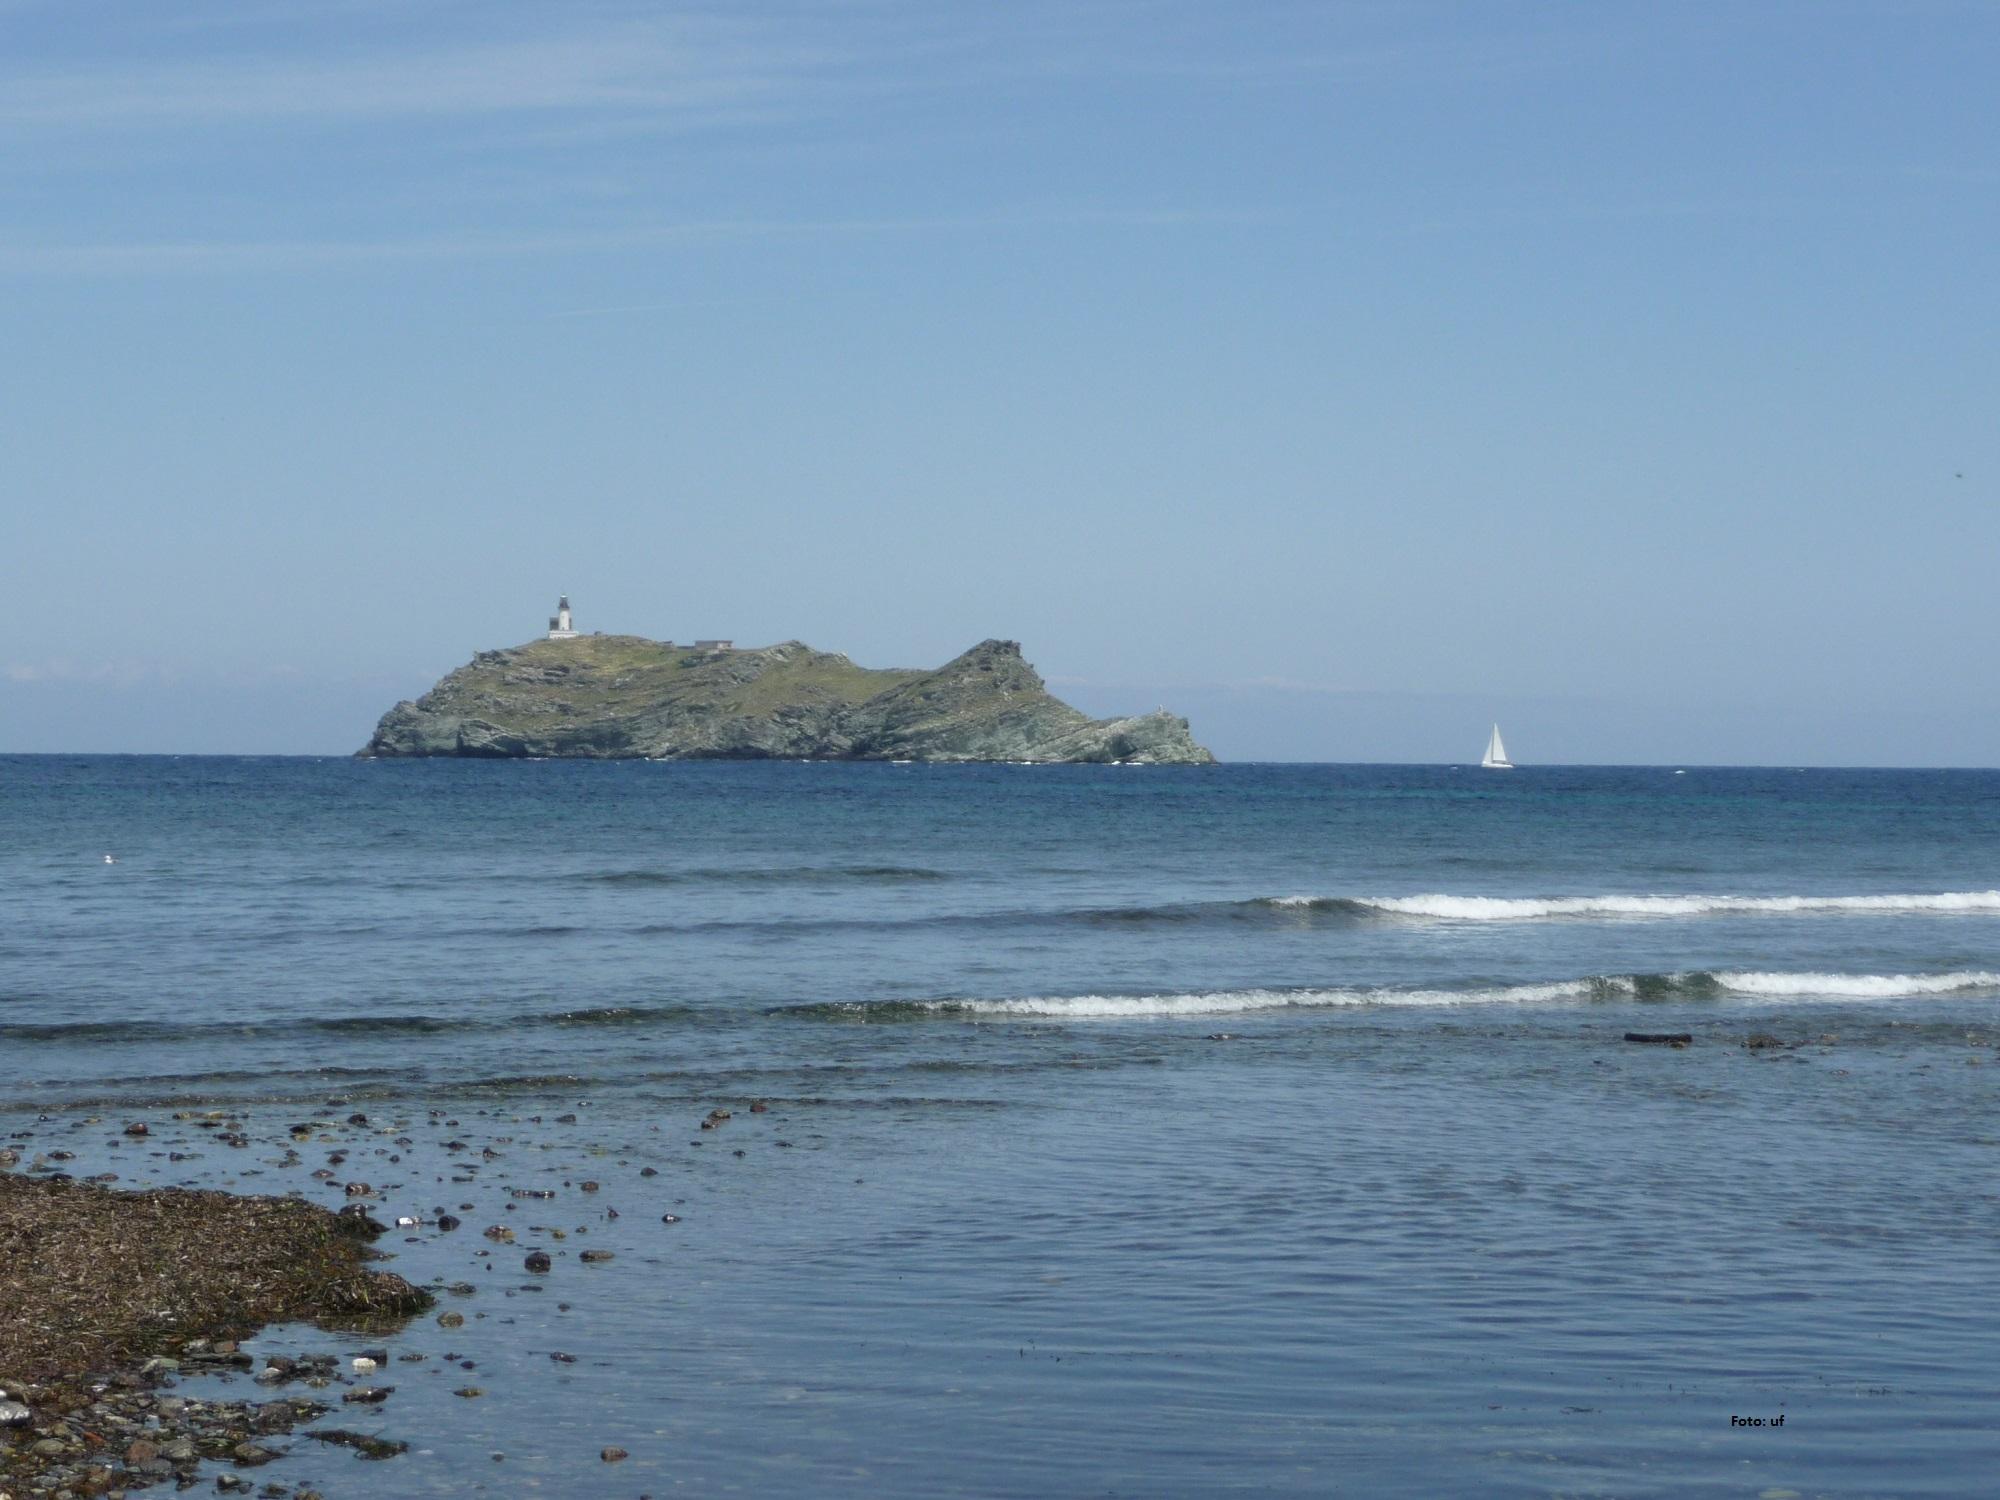 Ile de la Giraglia - nördlichster Punkt Korsikas